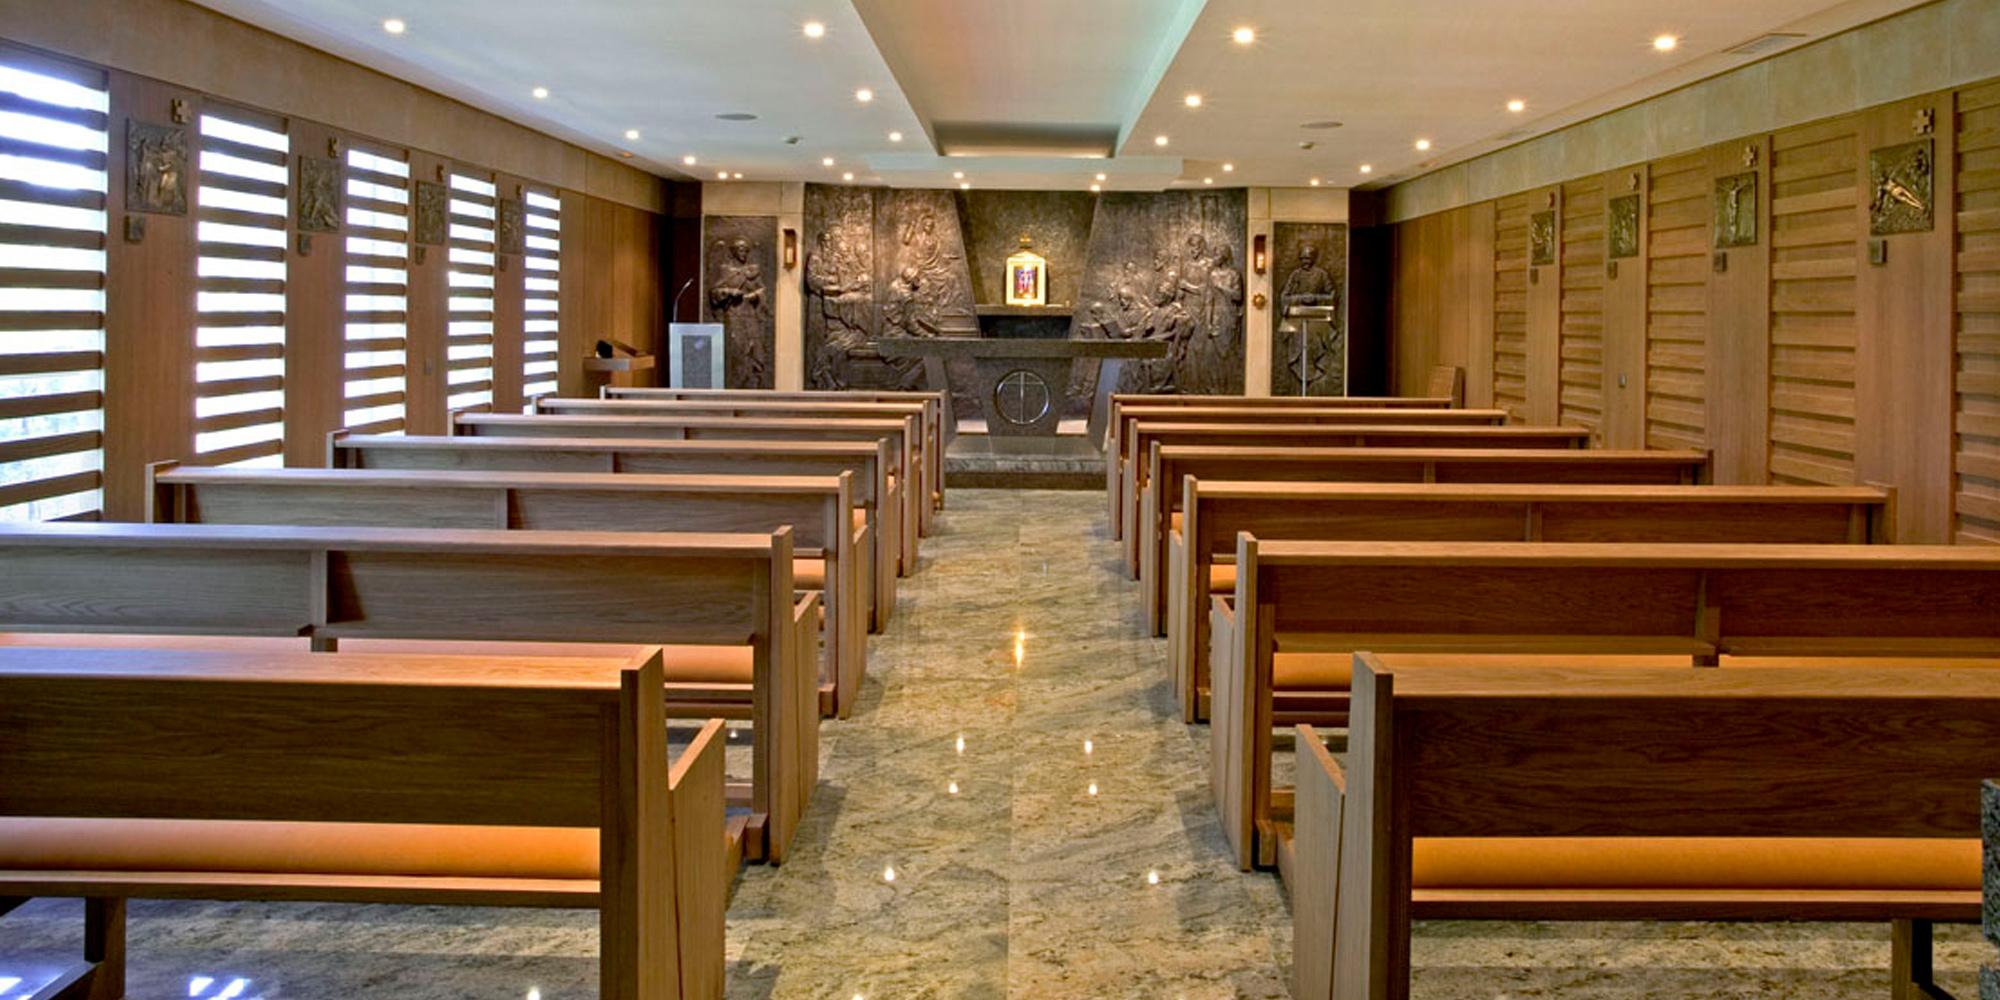 Oratorio de un centro